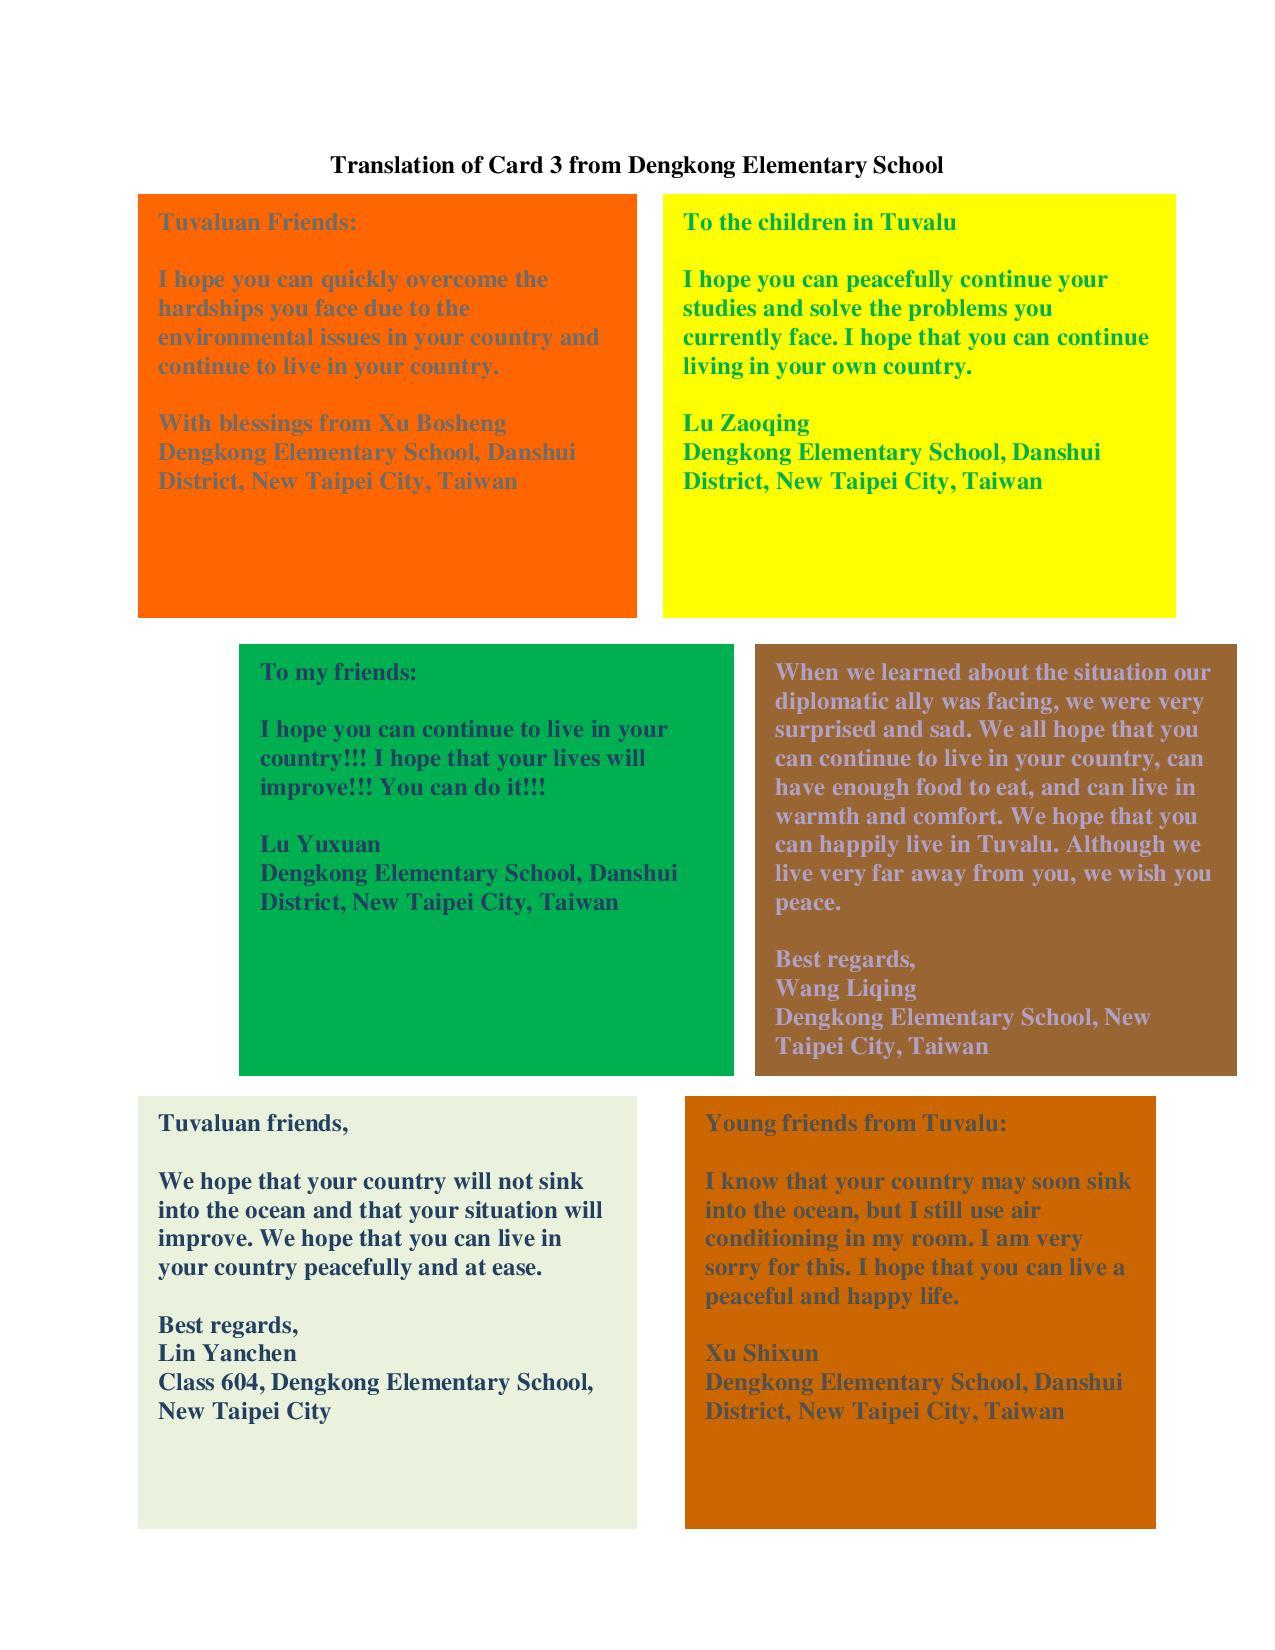 鄧公翻譯2015 0601st Translations of Cards from Dengkong Elementary School-page-008 (1).jpg